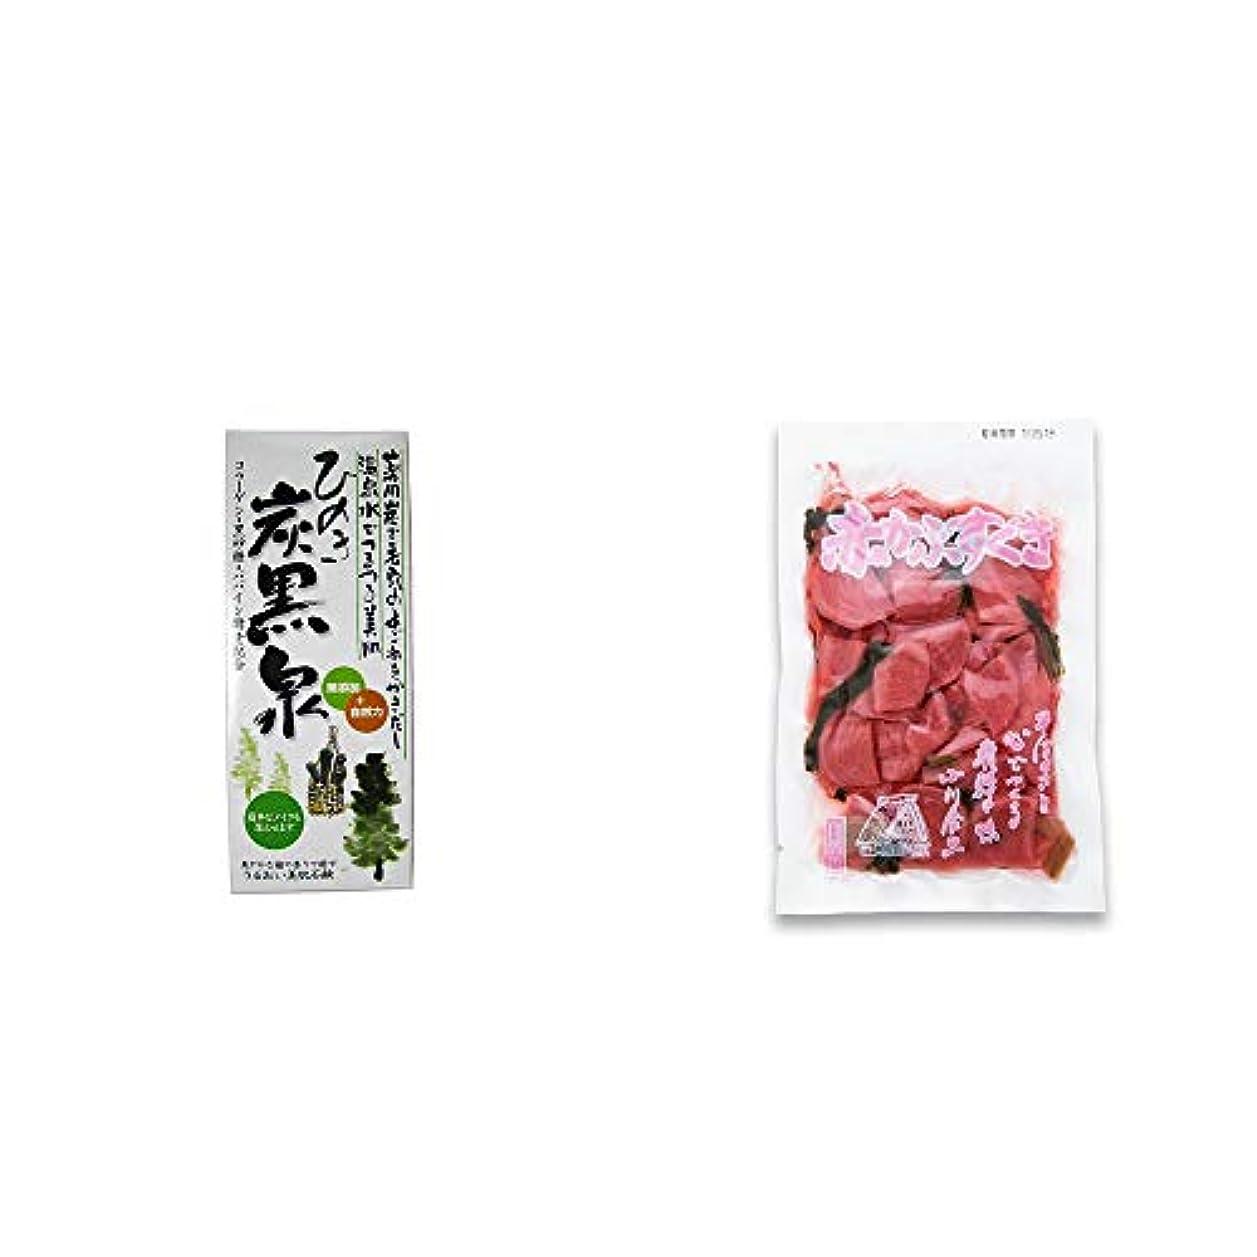 老人本物カロリー[2点セット] ひのき炭黒泉 箱入り(75g×3)?赤かぶすぐき(160g)